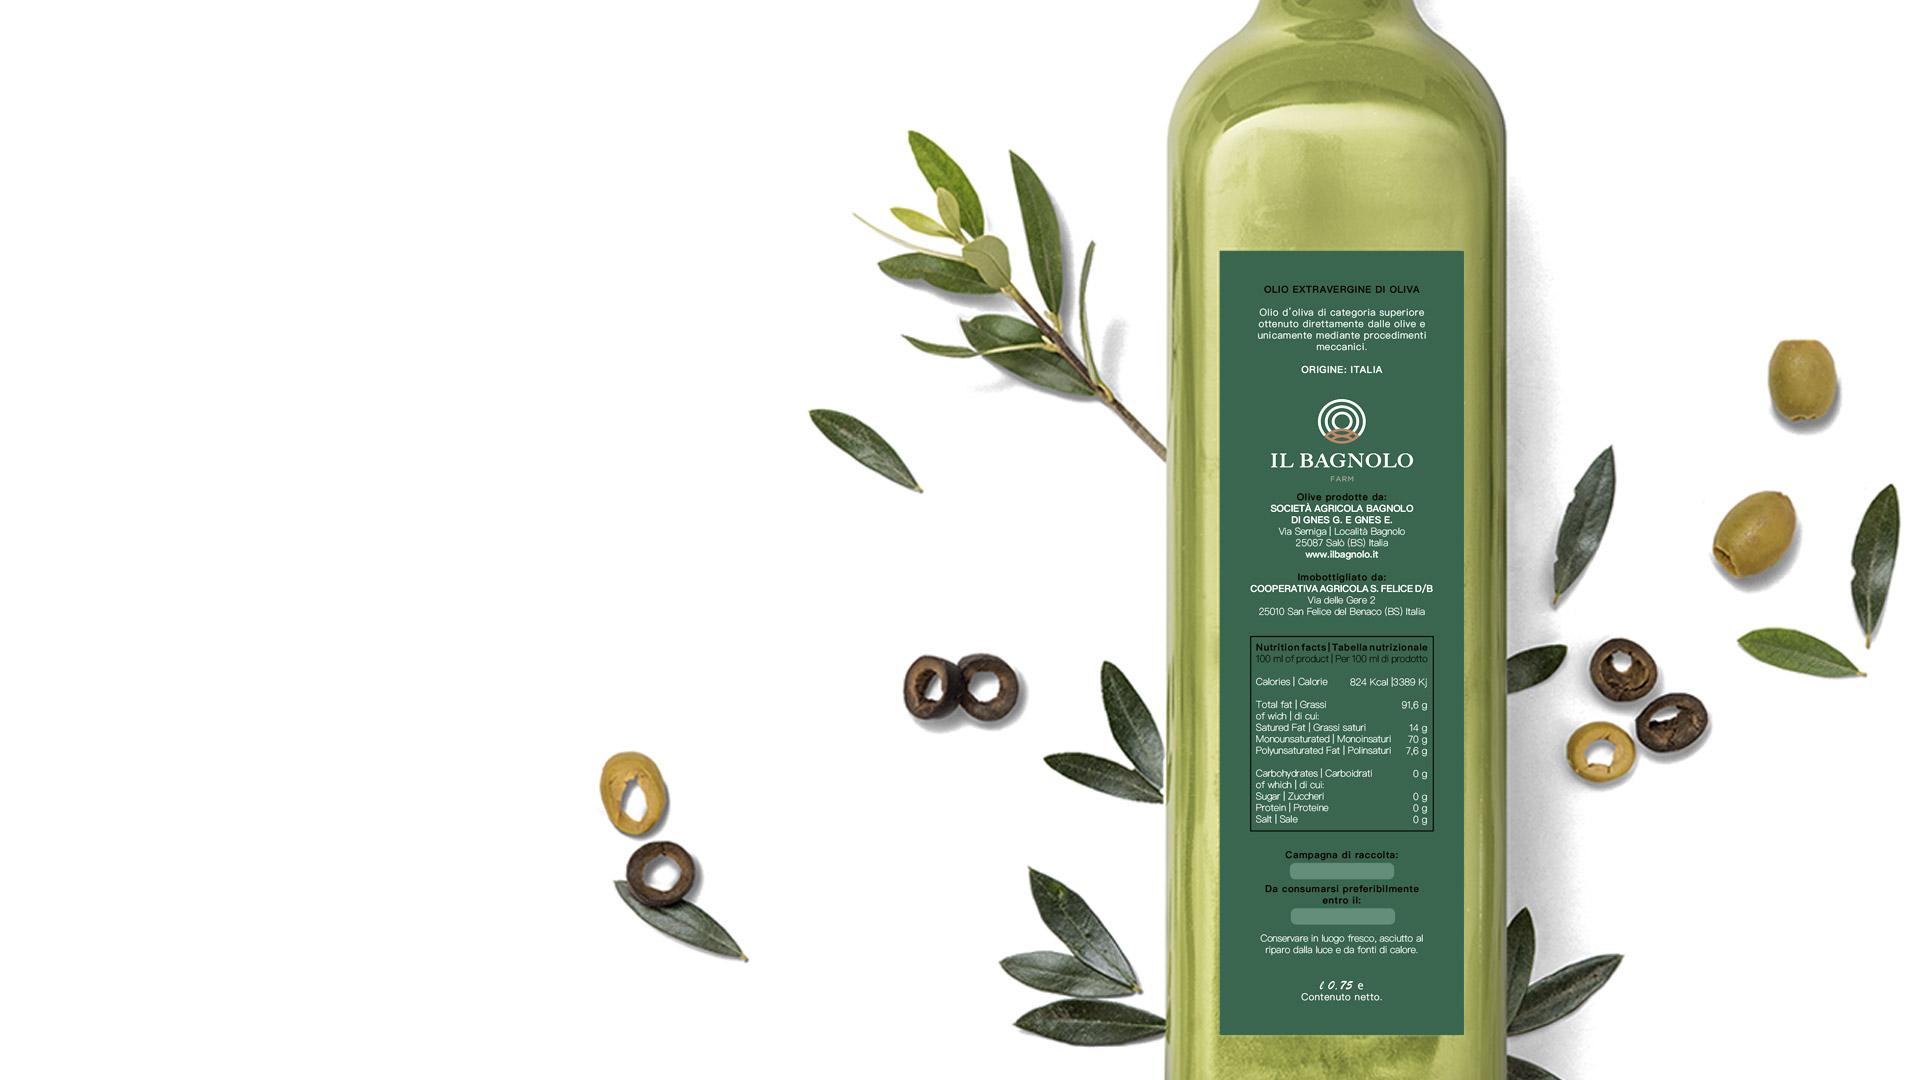 Retro etichetta bottiglia dell'olio de Il Bagnolo Eco Lodge realizzata da Valenti04.